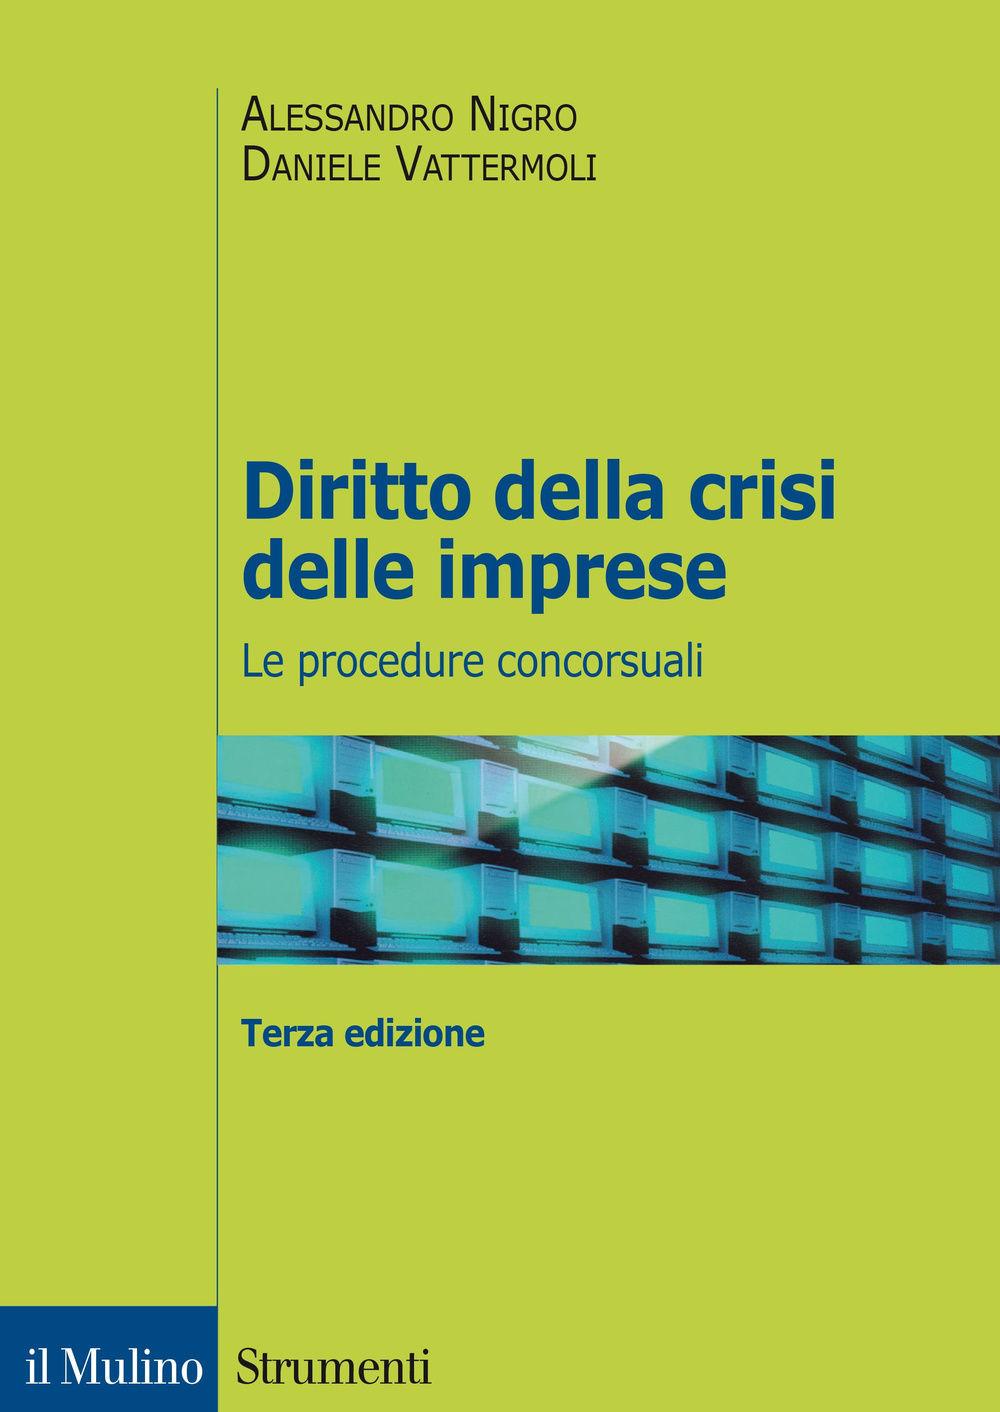 Diritto della crisi delle imprese: le procedure concorsuali. Alessandro Nigro, Daniele Vattermoli